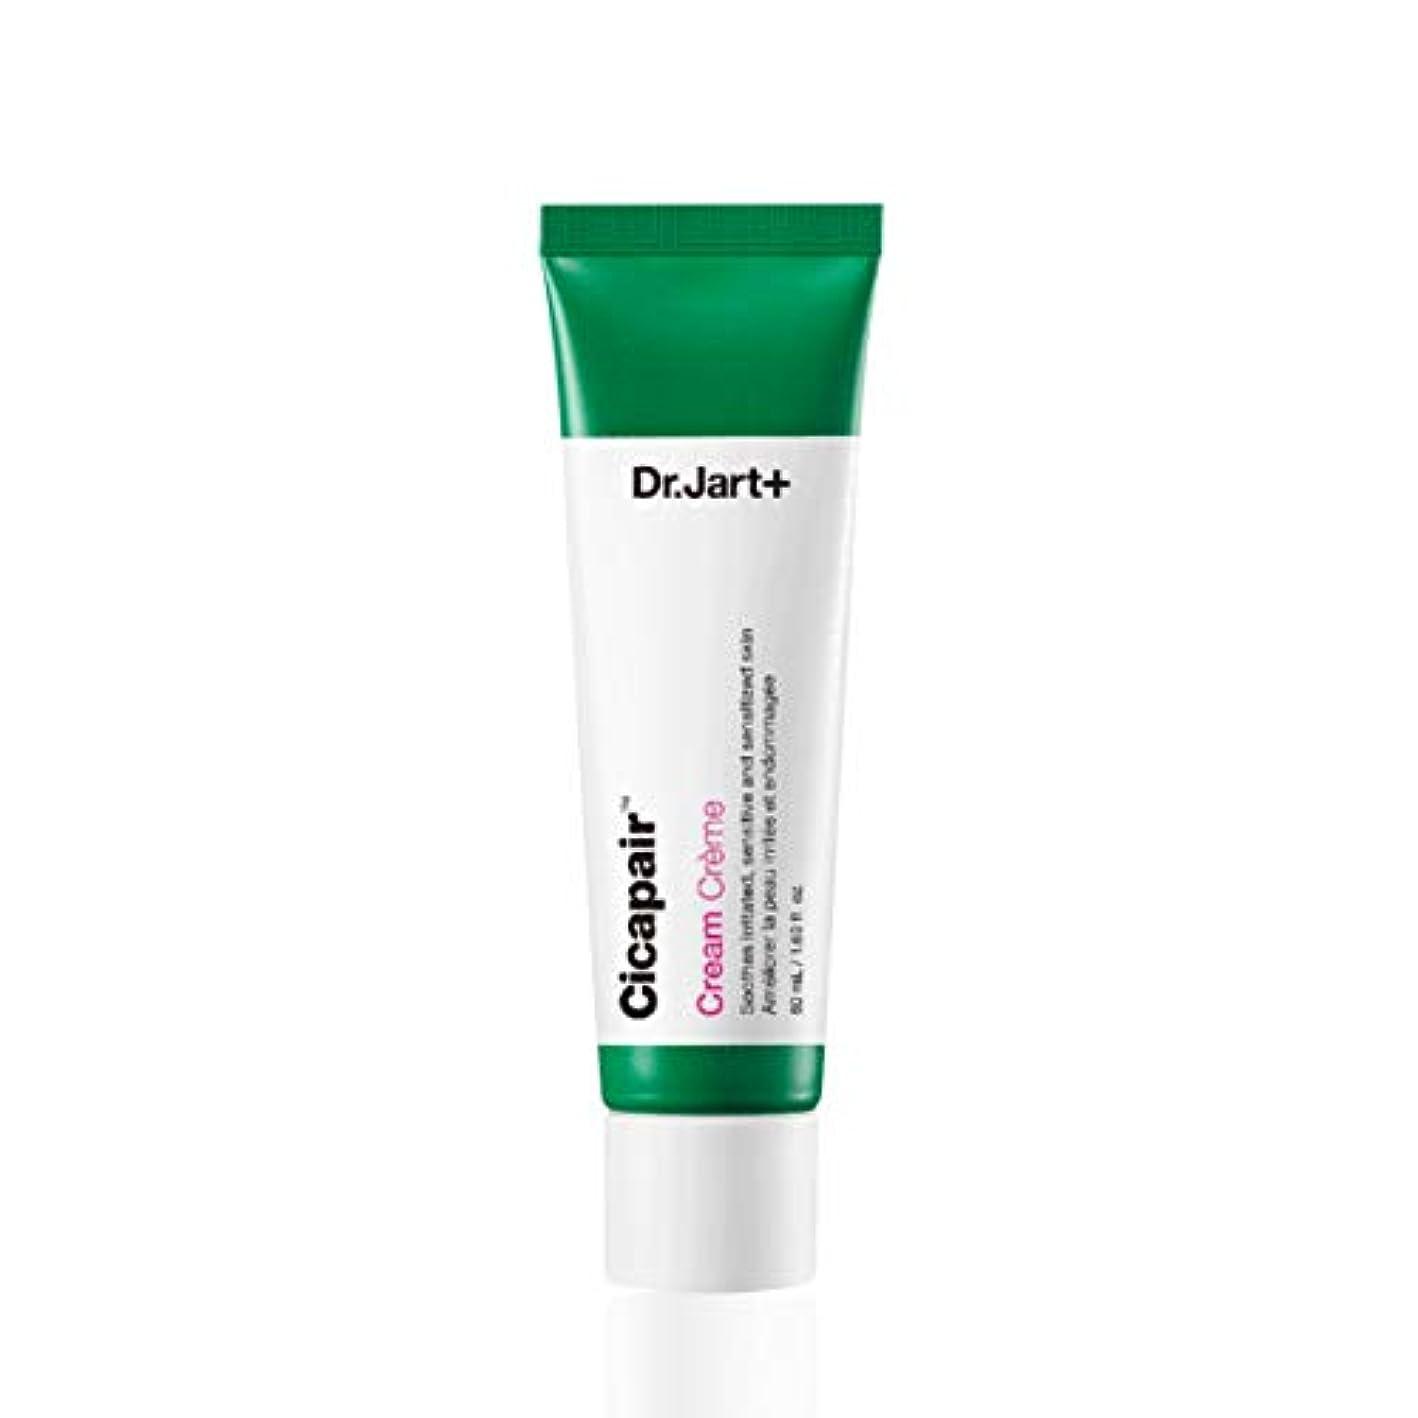 ペーストリスナー整然としたDr.Jart+ Cicapair Cream 50ml/ドクタージャルト シカ ペア クリーム 50ml [並行輸入品]